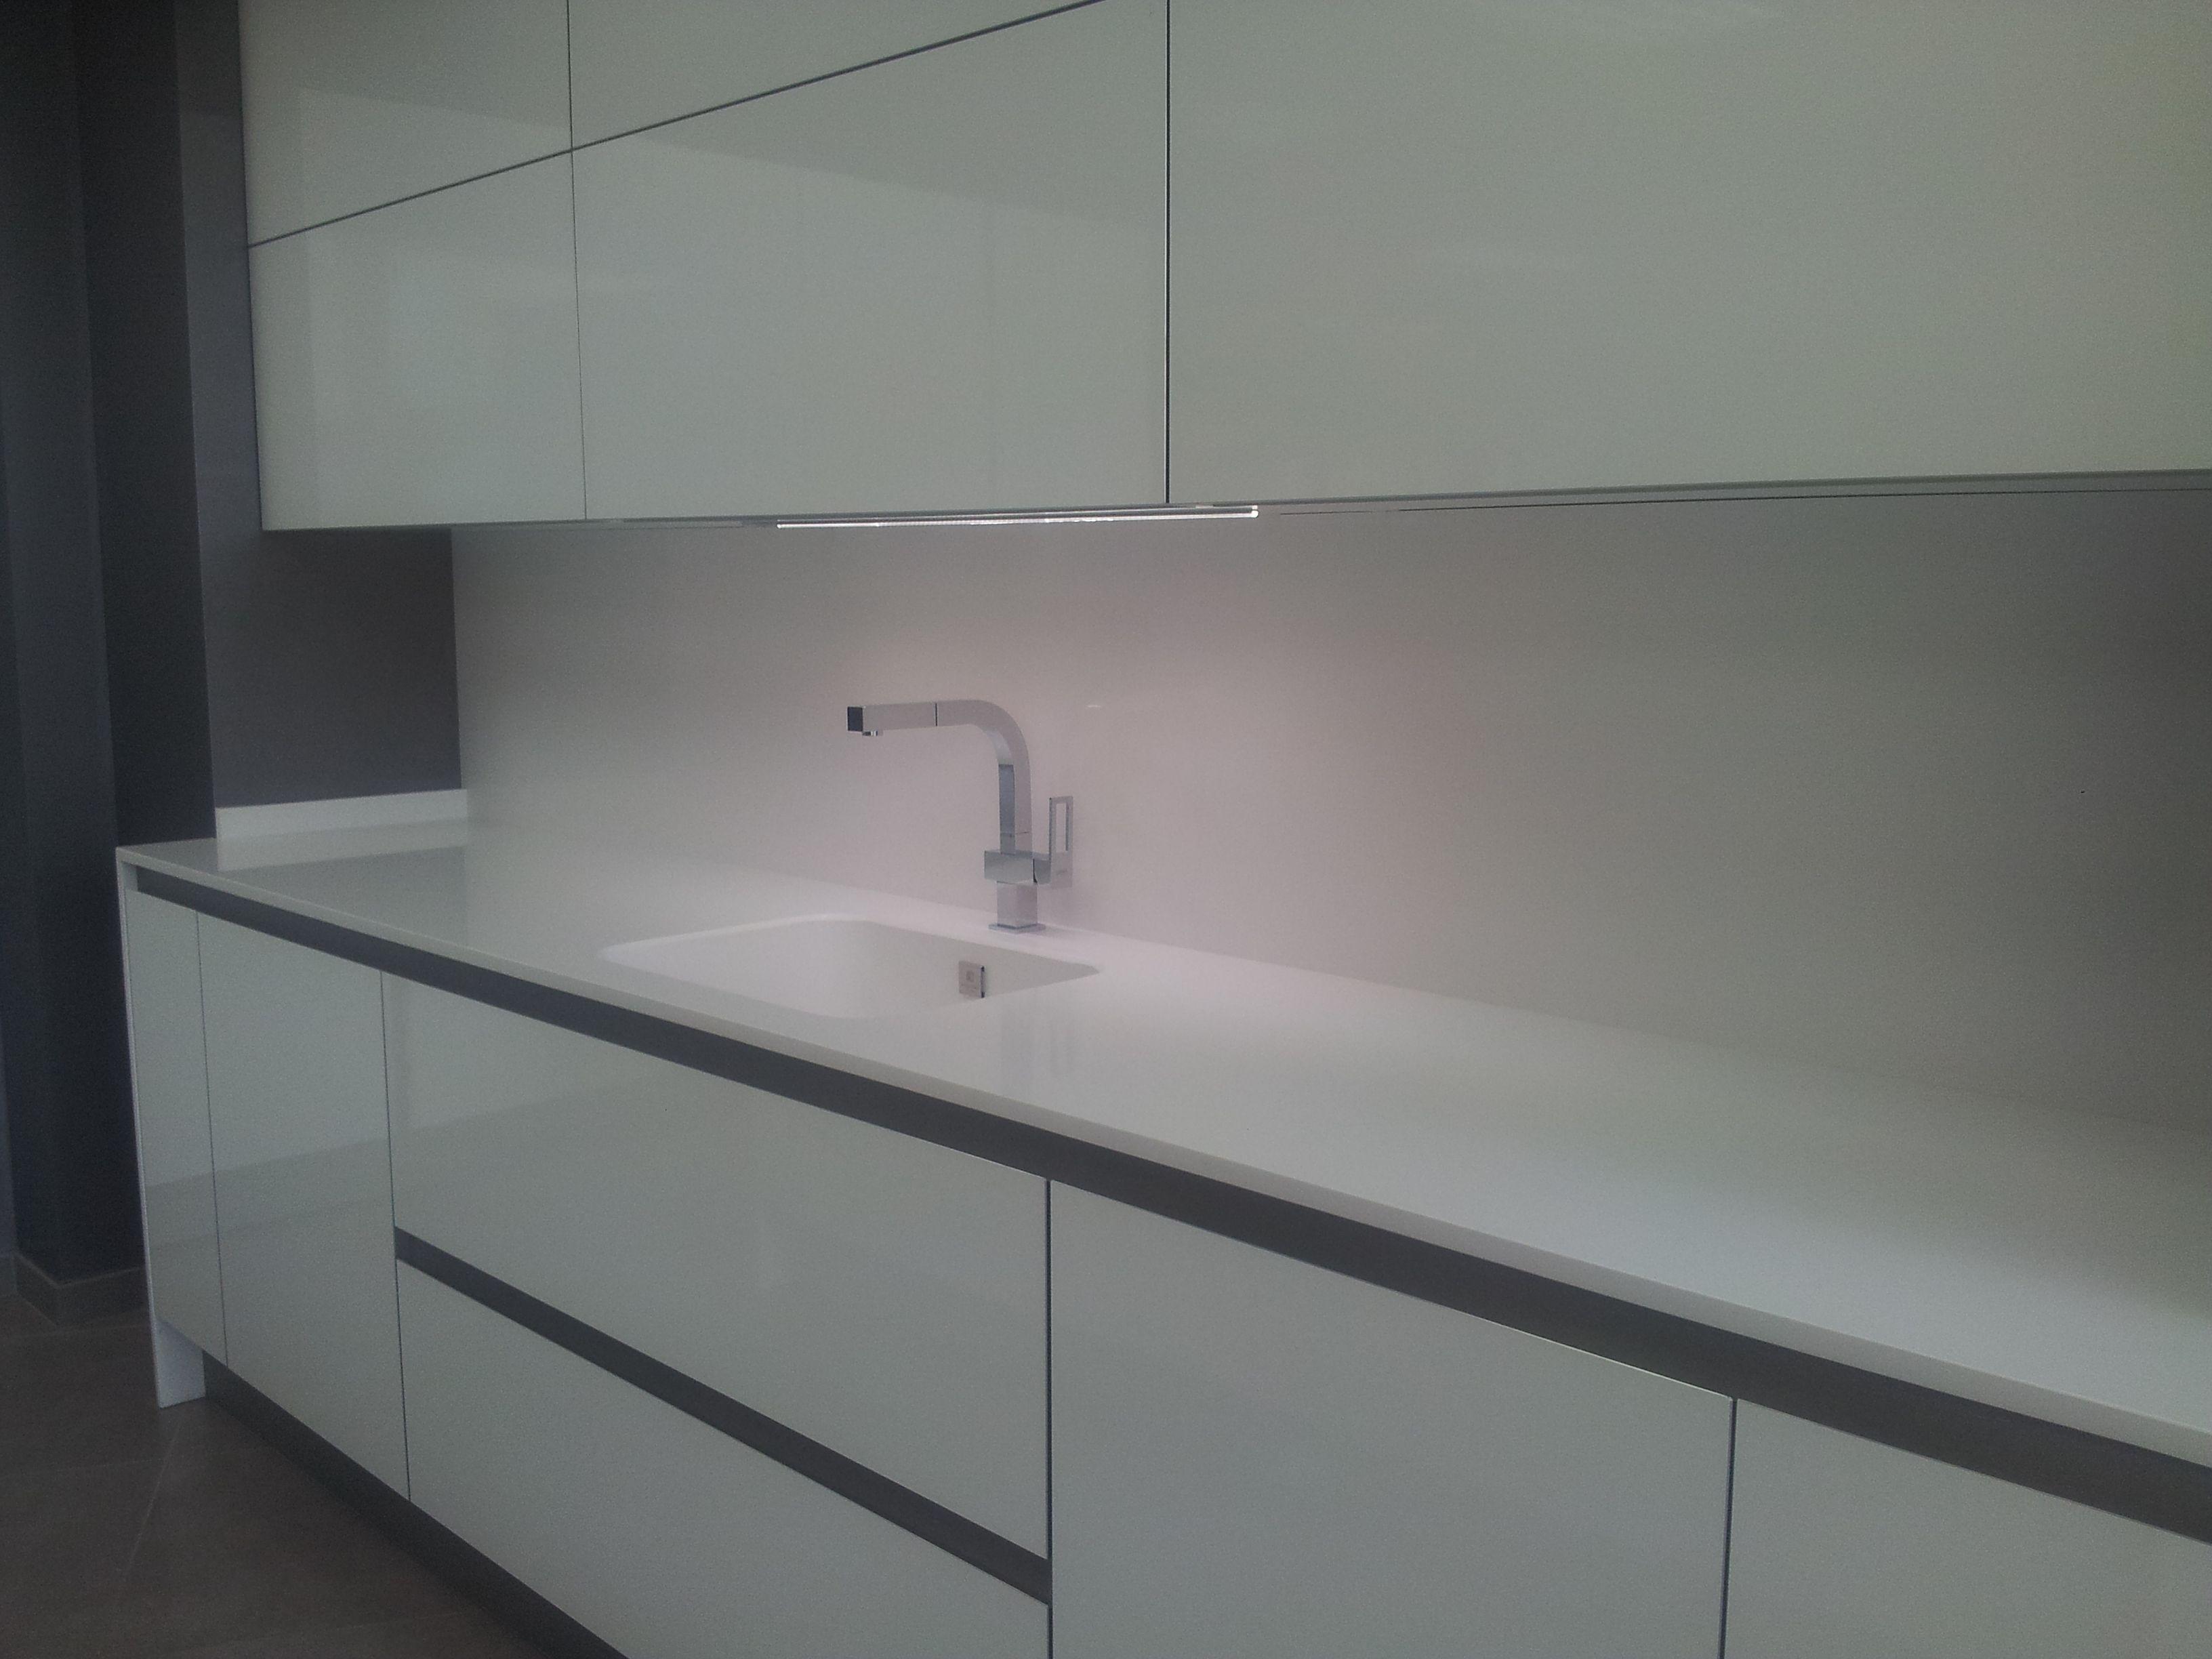 Encimera de cocina en silestone blanco zeus con fregadero for Silestone precio